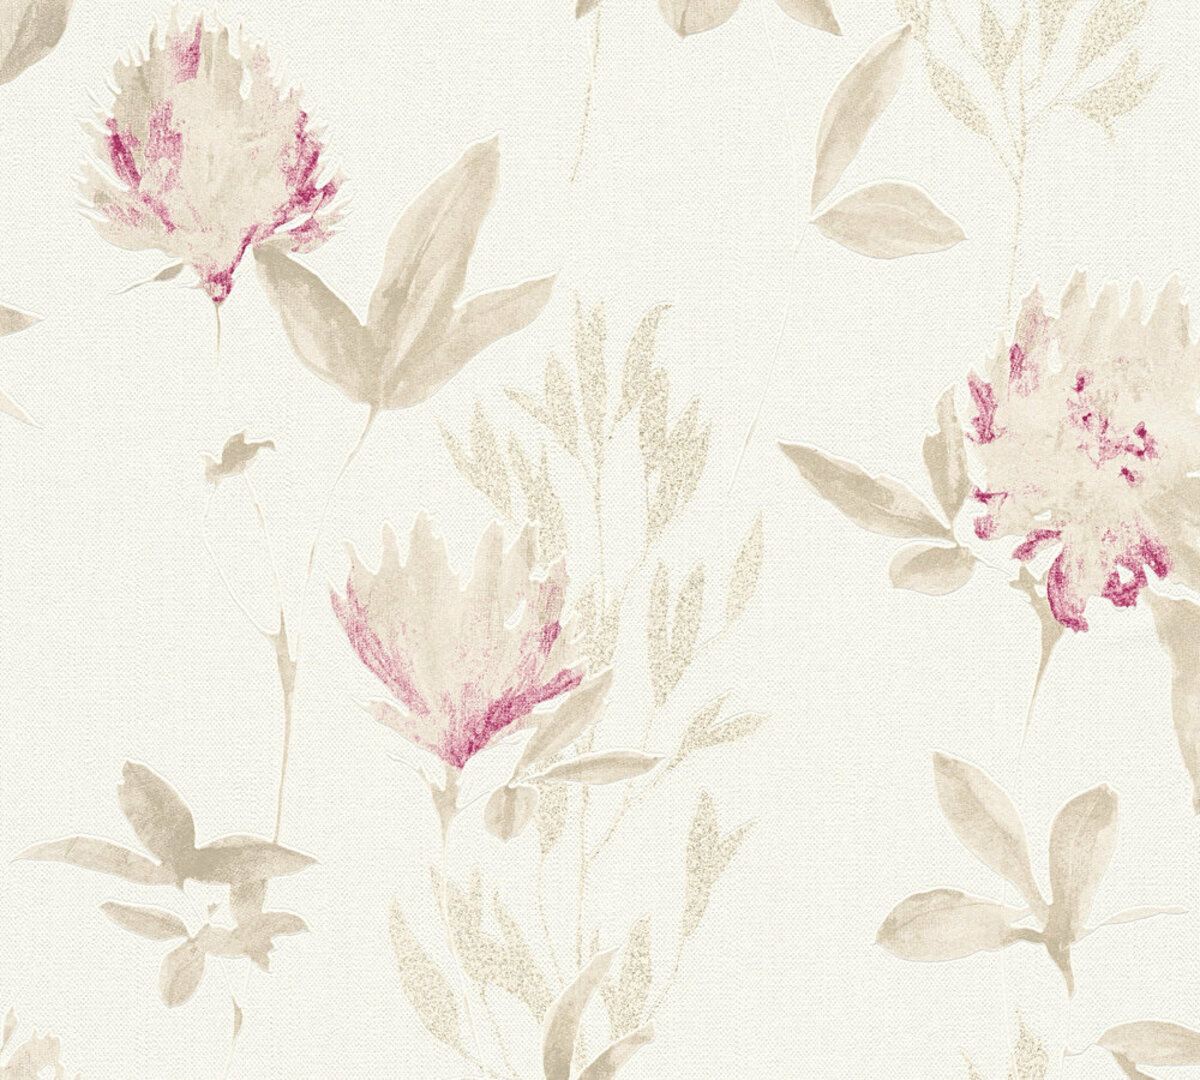 Bild 1 von A.S. Creation Vliestapete Designdschungel by Laura N.- beige metallic violett - Blumen - 10 Meter